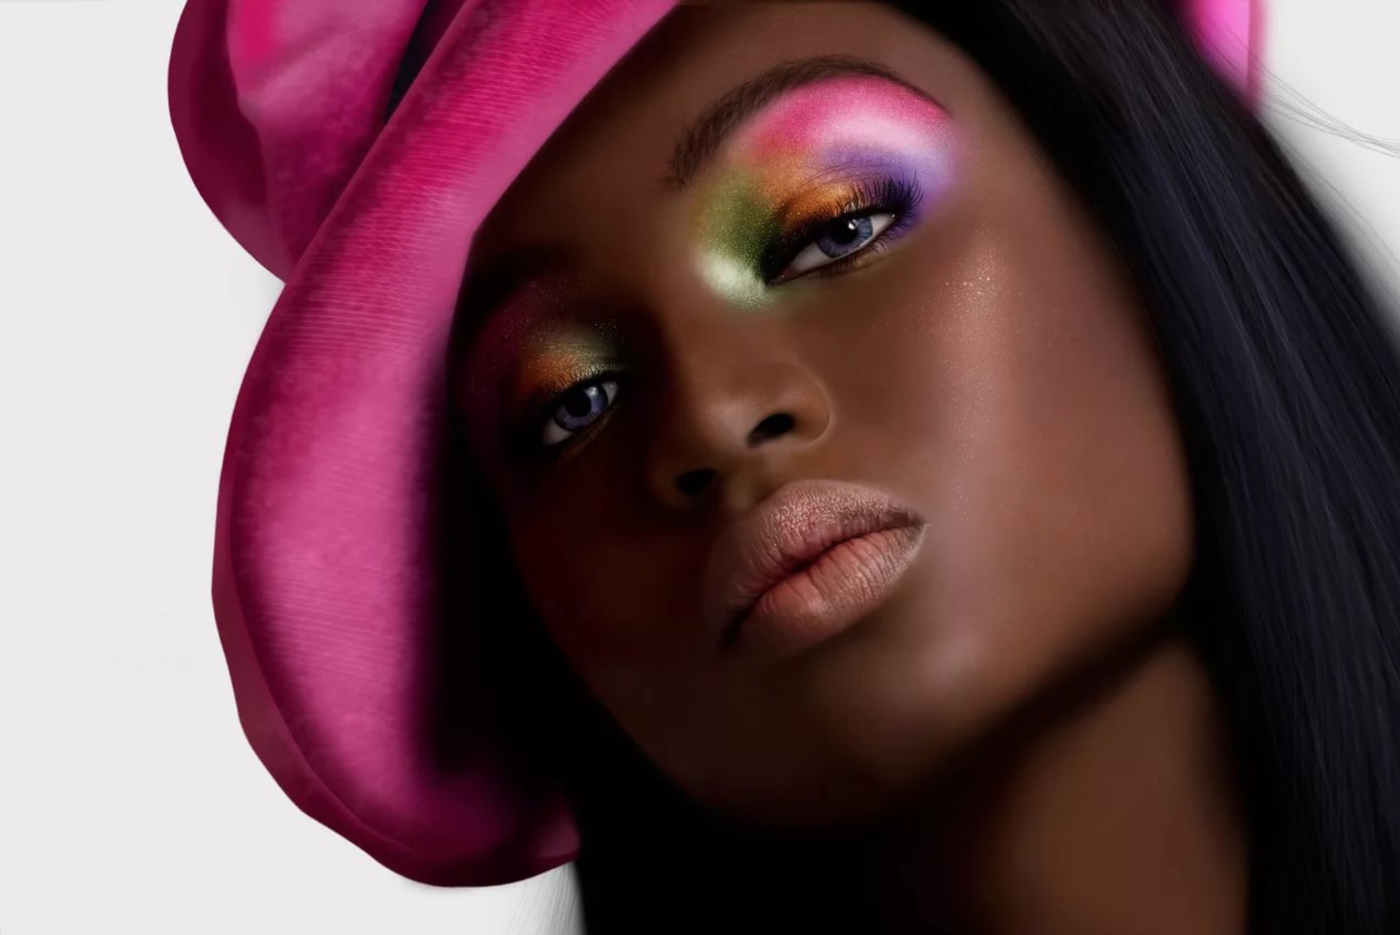 Самые черные африканки, Негритянки секс фото 13 фотография